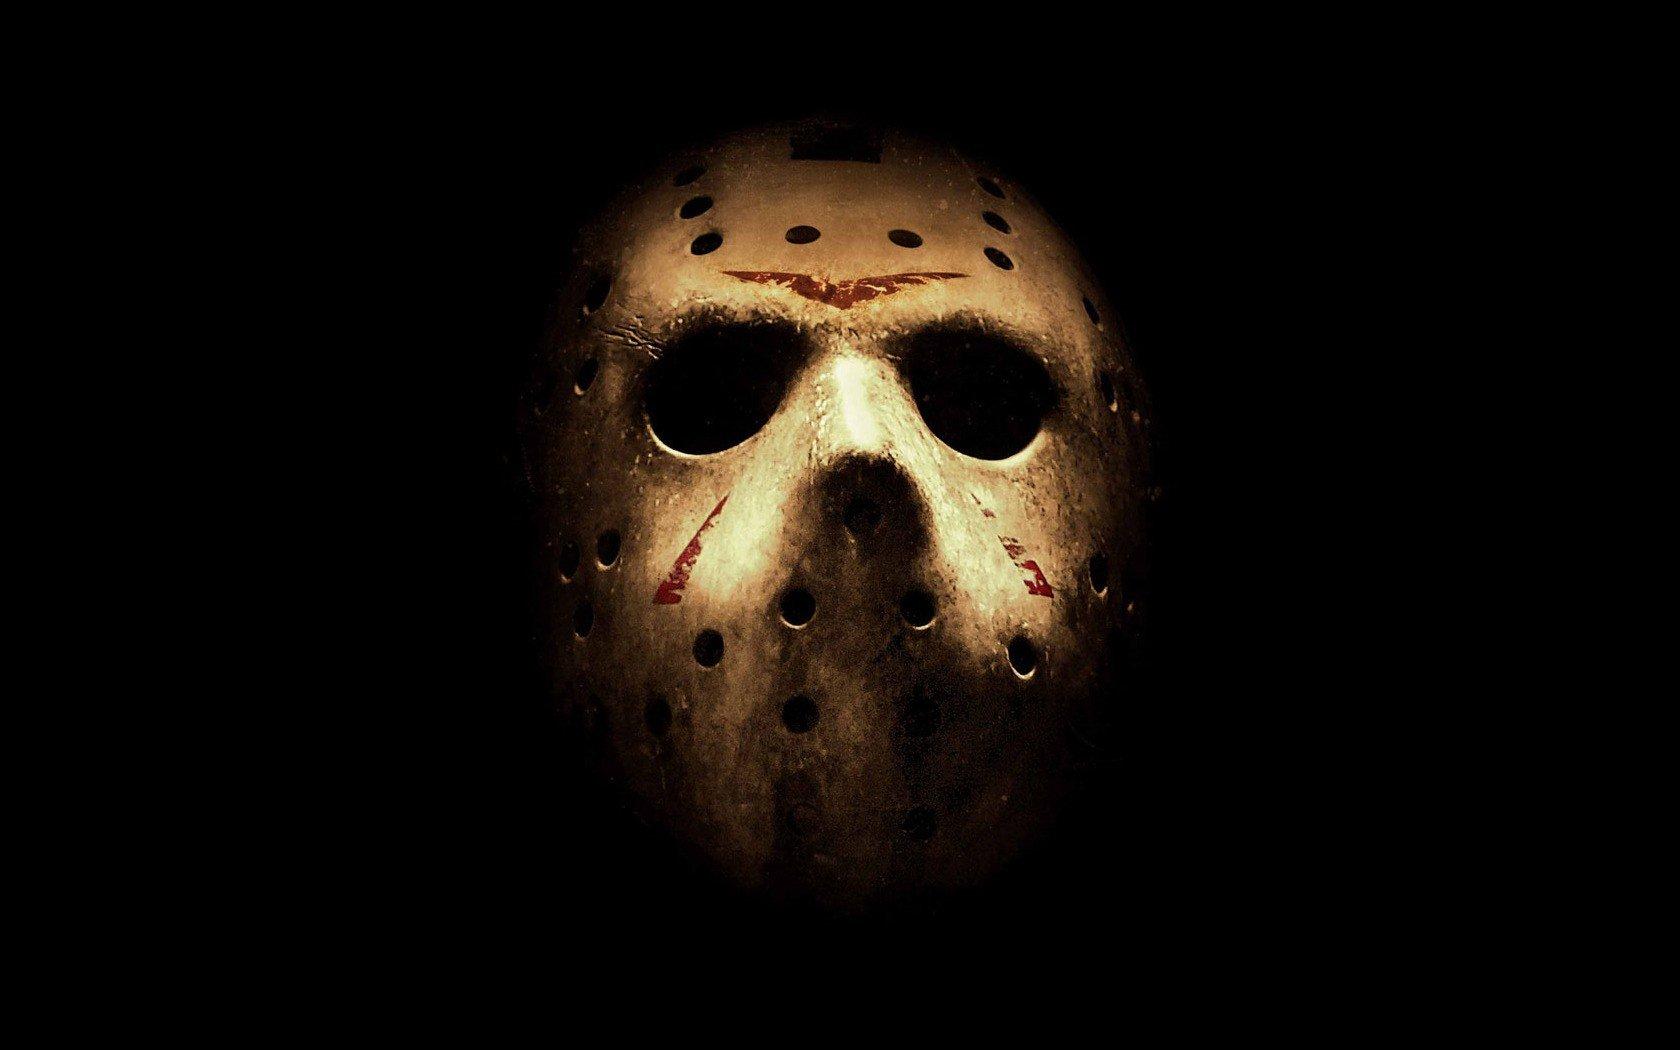 Обои маска, страх. Разное foto 15